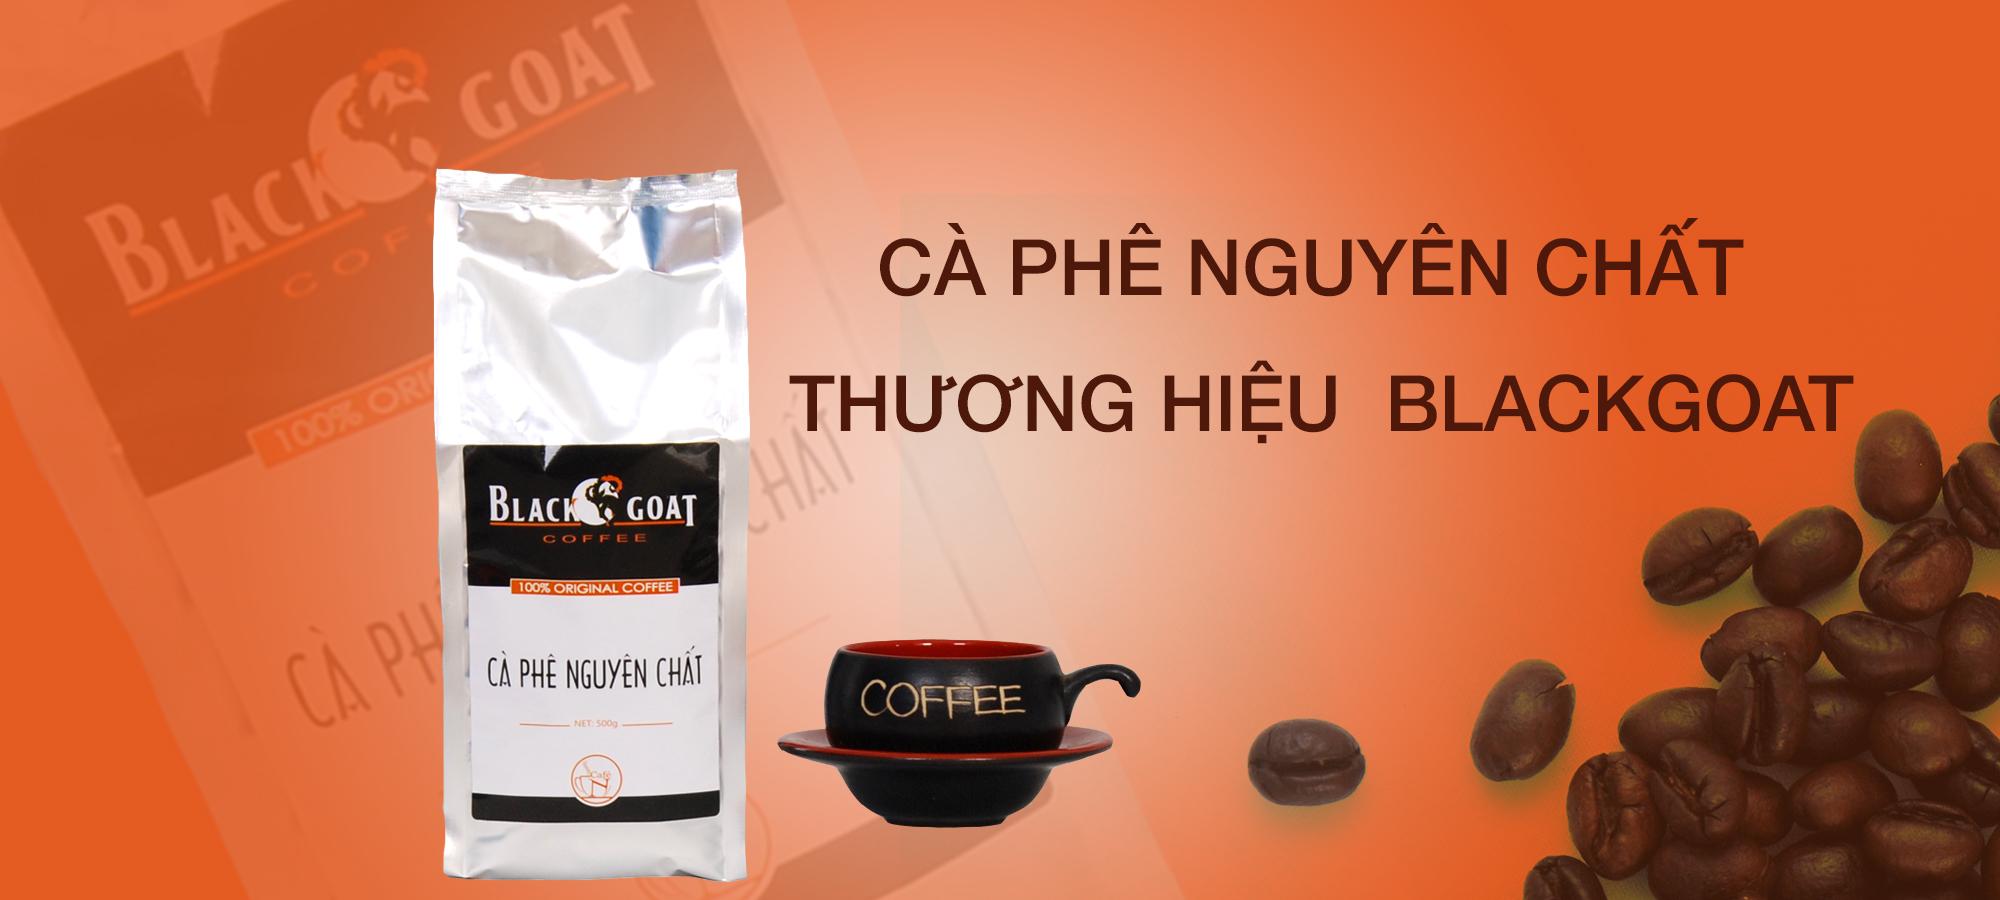 Cà phê Blackgoat